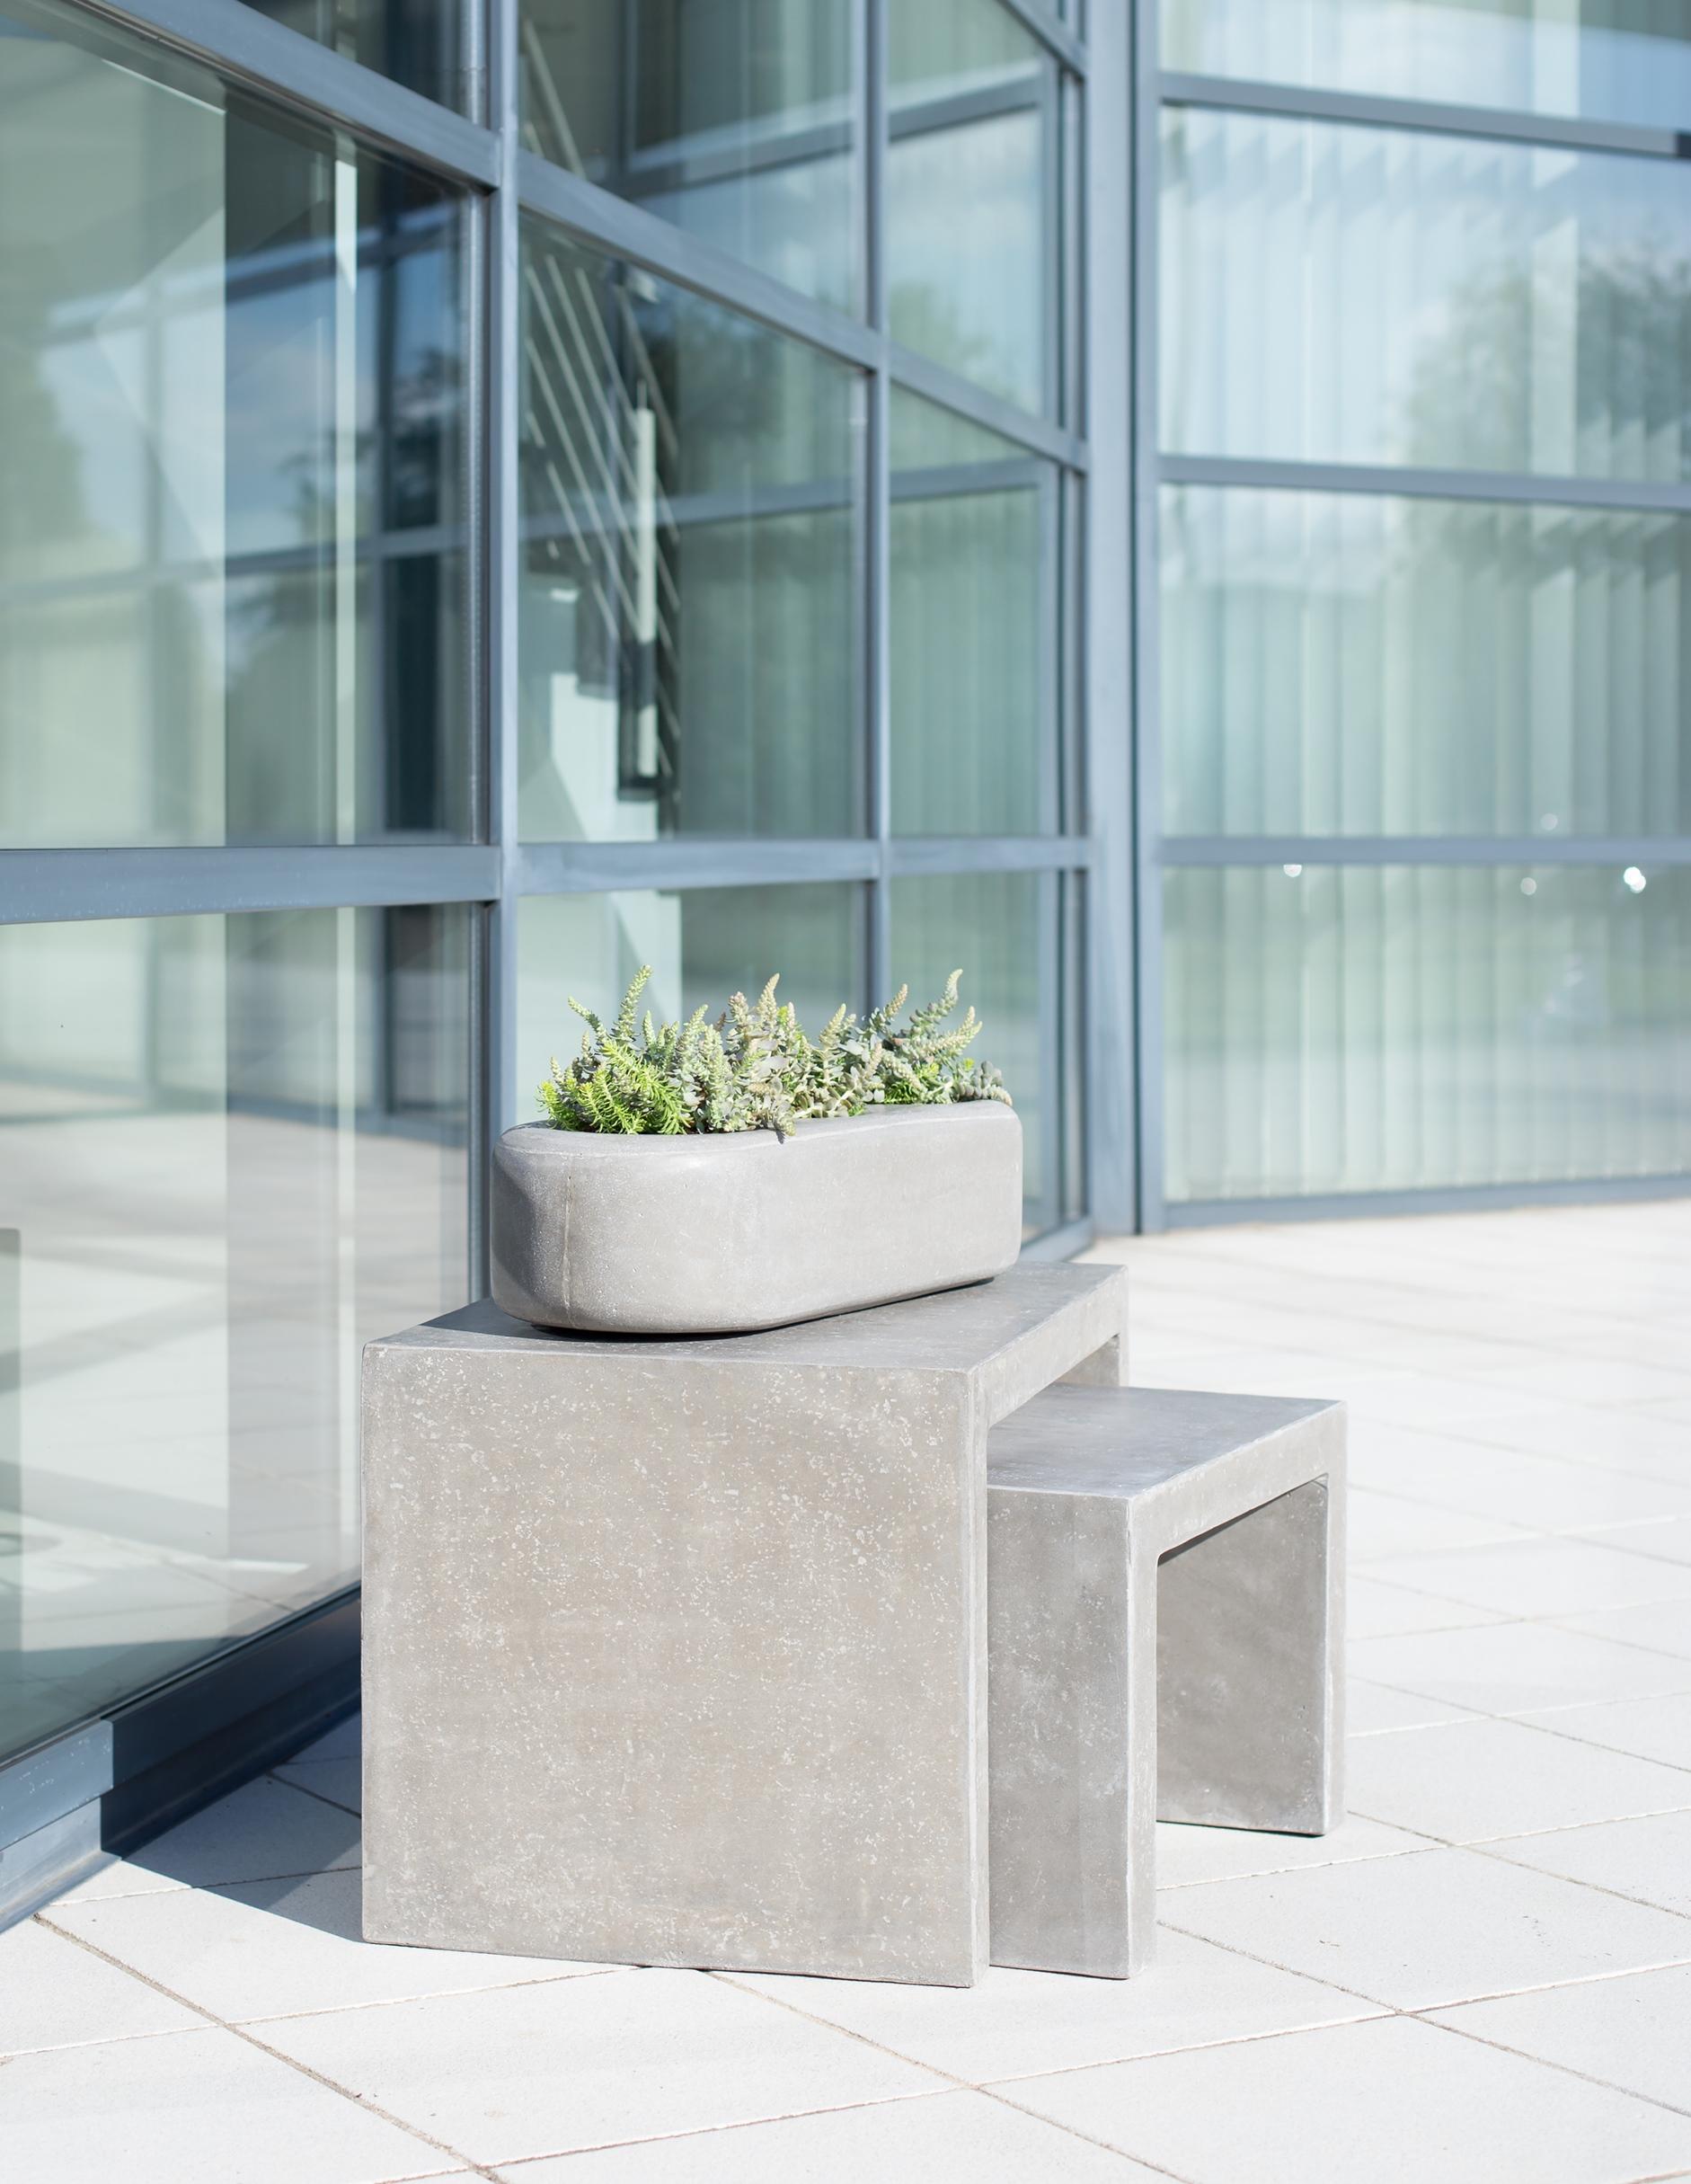 betonmöbel ? bilder & ideen ? couchstyle - Designer Betonmoebel Innen Aussen